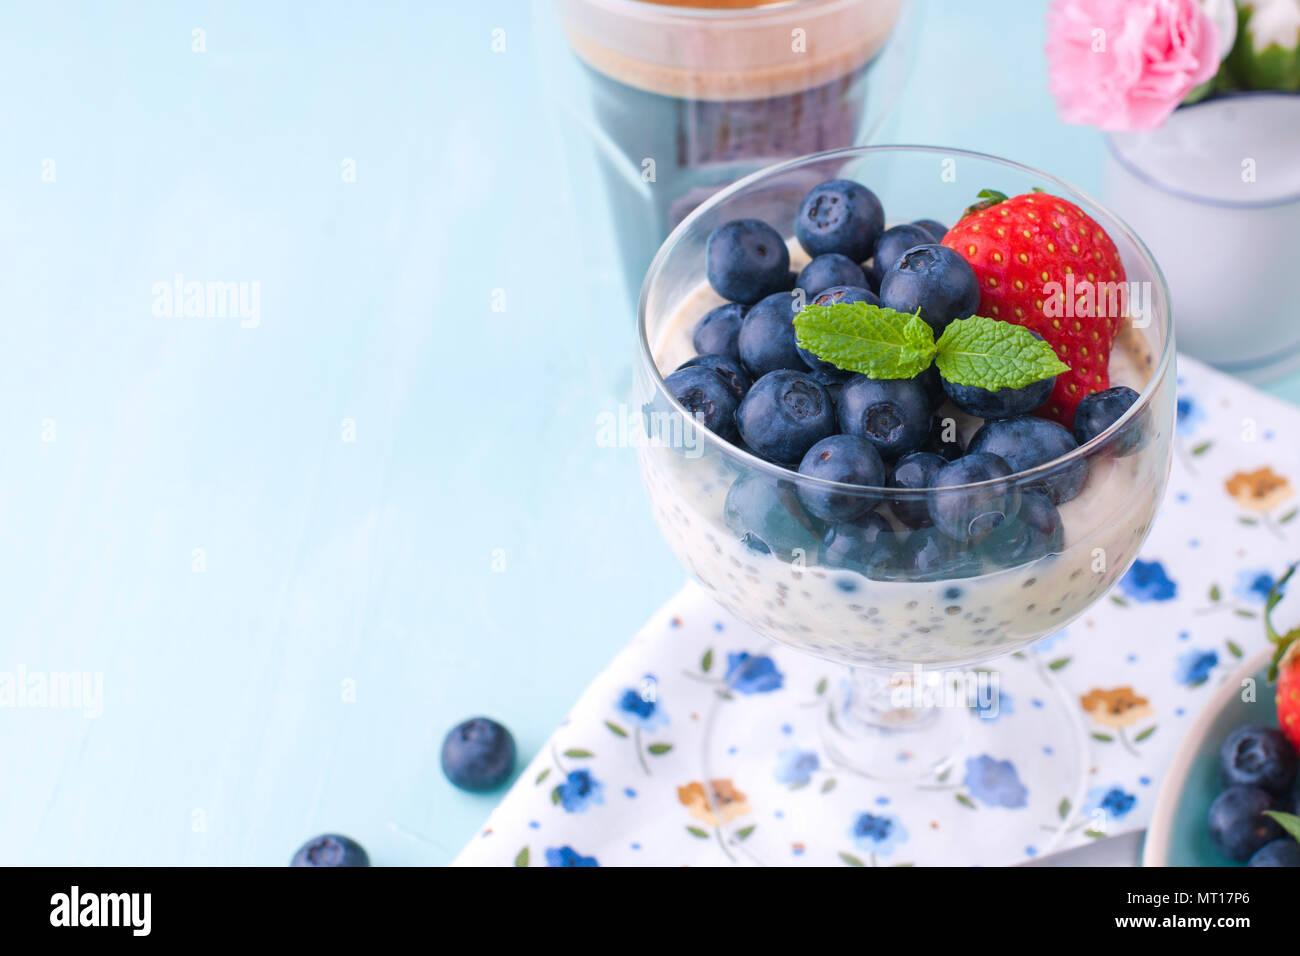 Un bicchiere di caffè e budino chia con mirtilli e fragole per la colazione. Cibo vegetariano. Sfondo blu. Tovagliolo con fiori. Colori luminosi. Immagini Stock